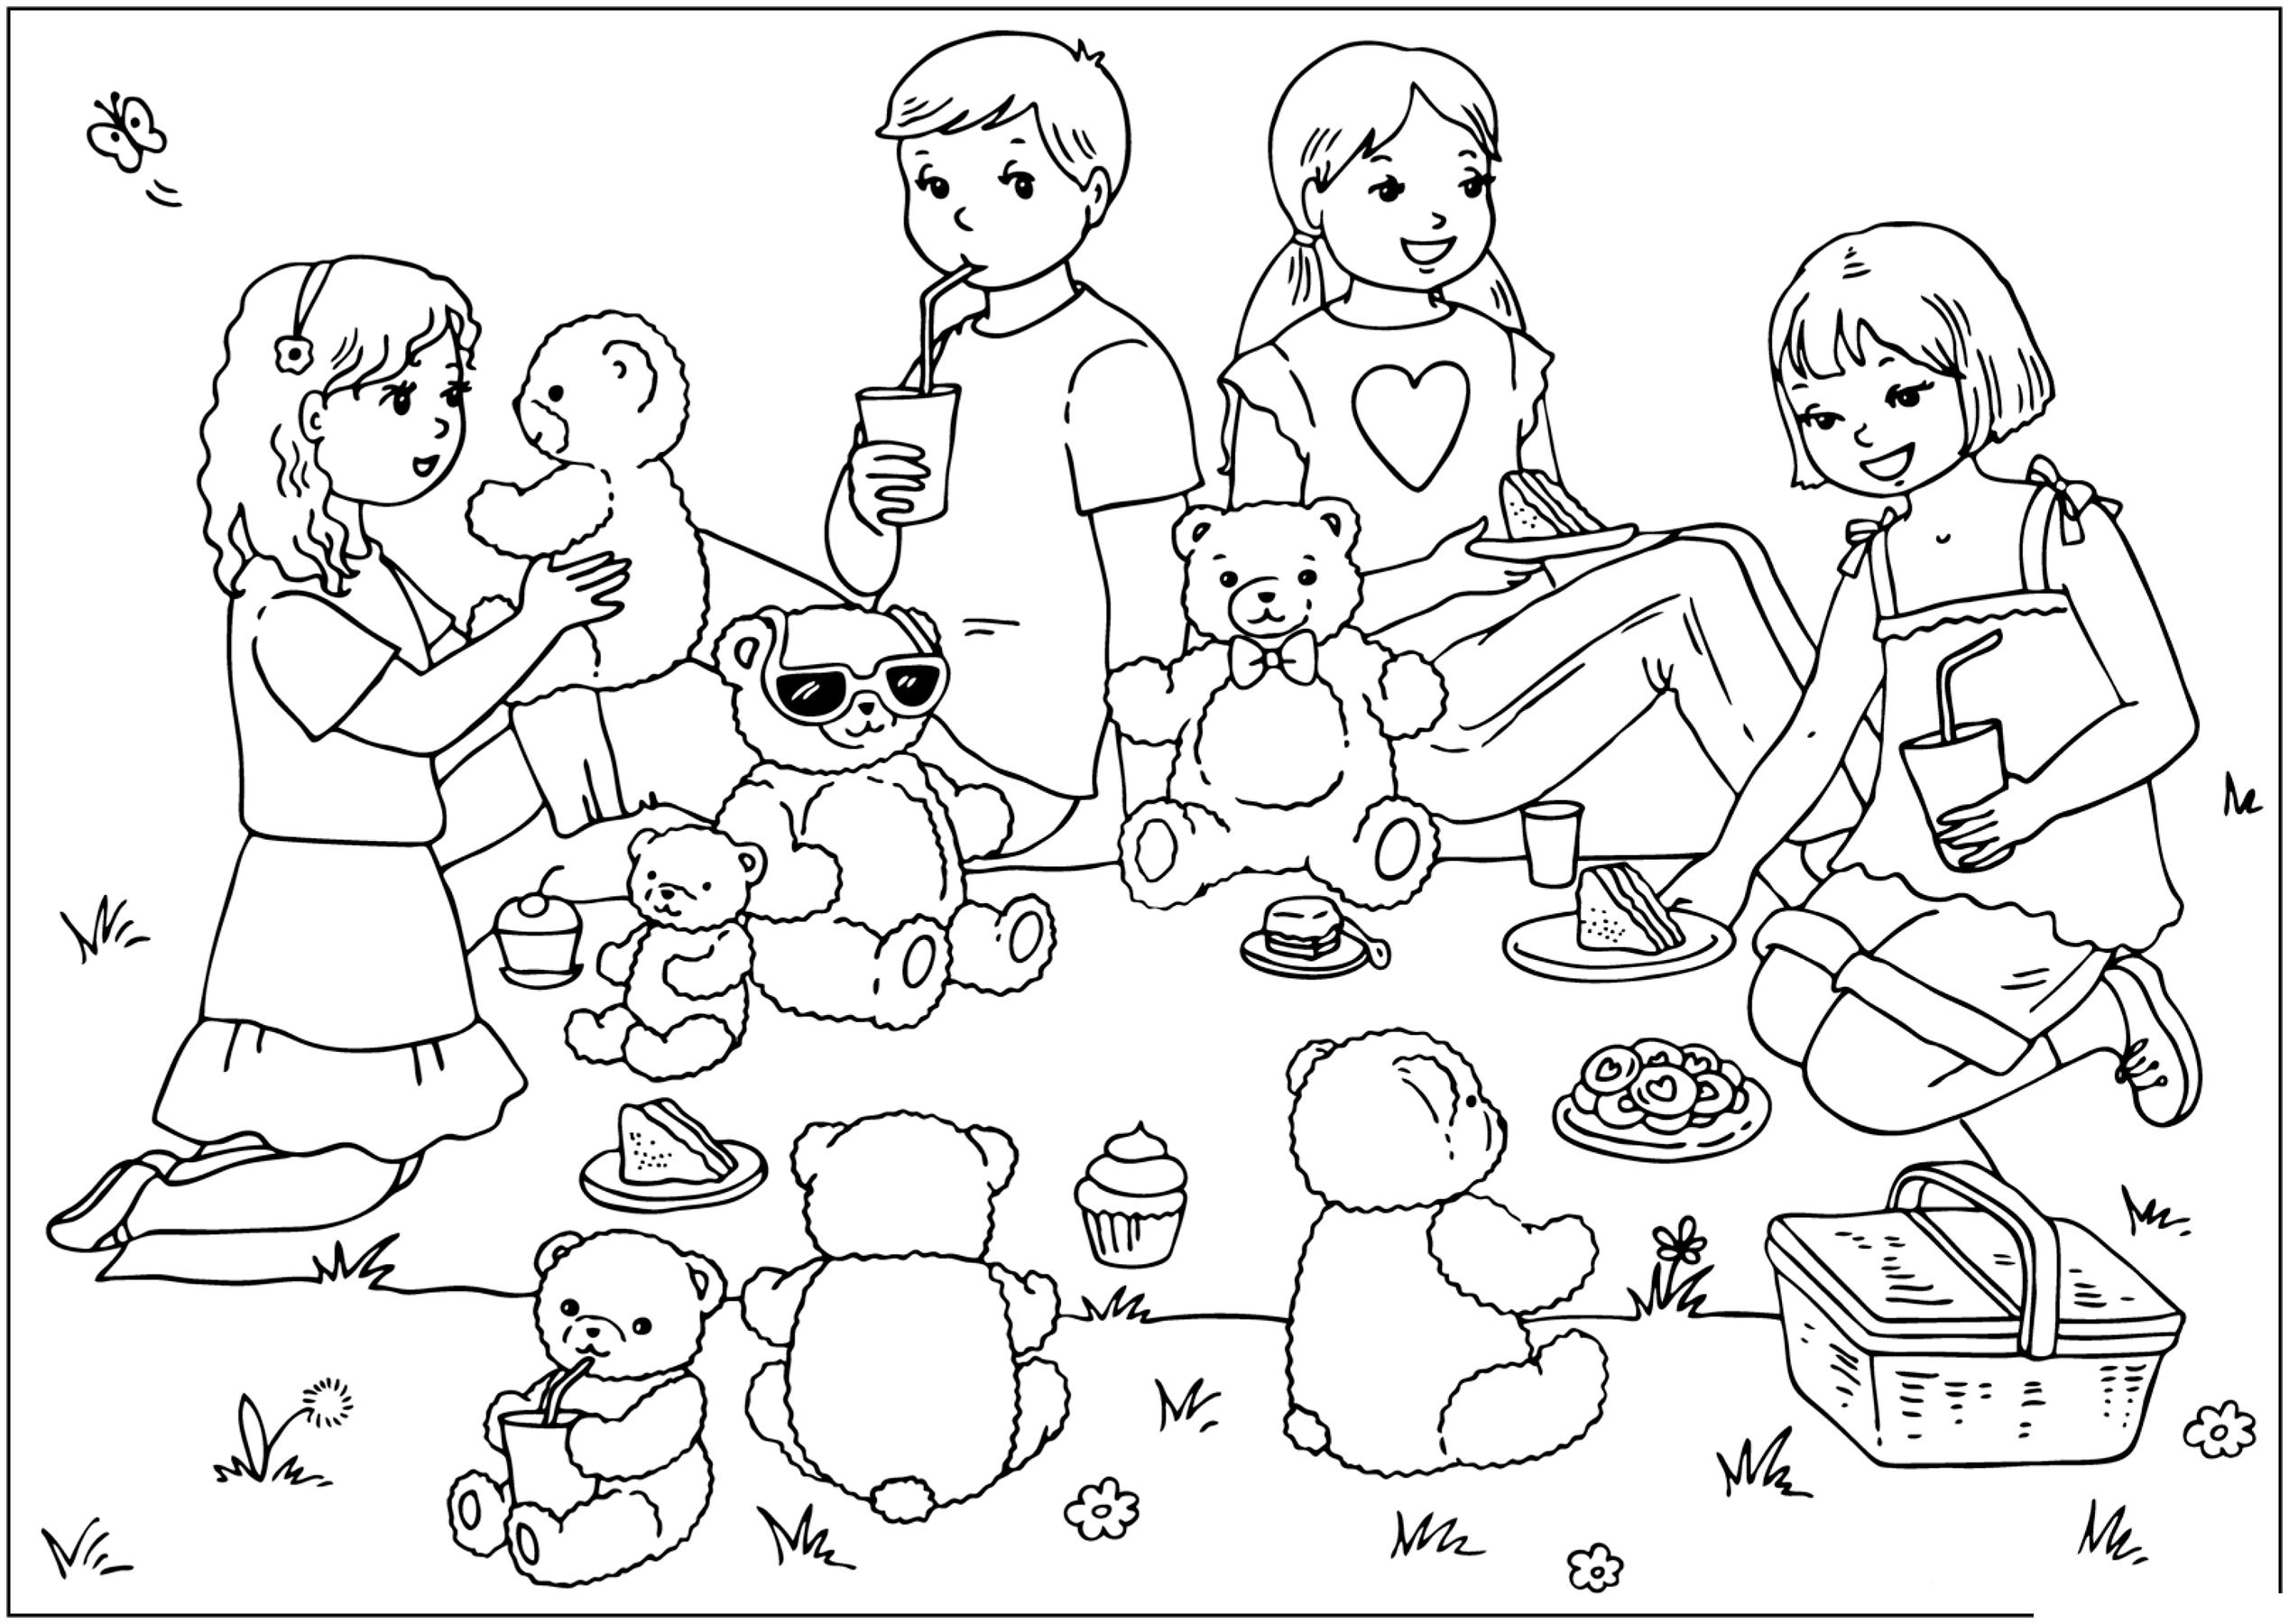 Картинки игры детей в детском саду черно белые